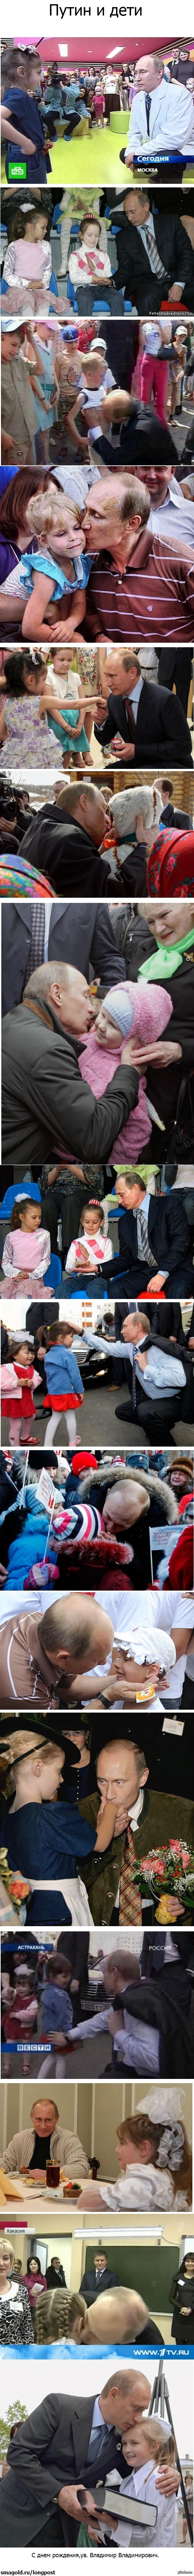 В связи с днем рождения. Путин и дети, на 62 летиенашего уважаемого руководителя, президента, премьер-министра и просто любимца детей.